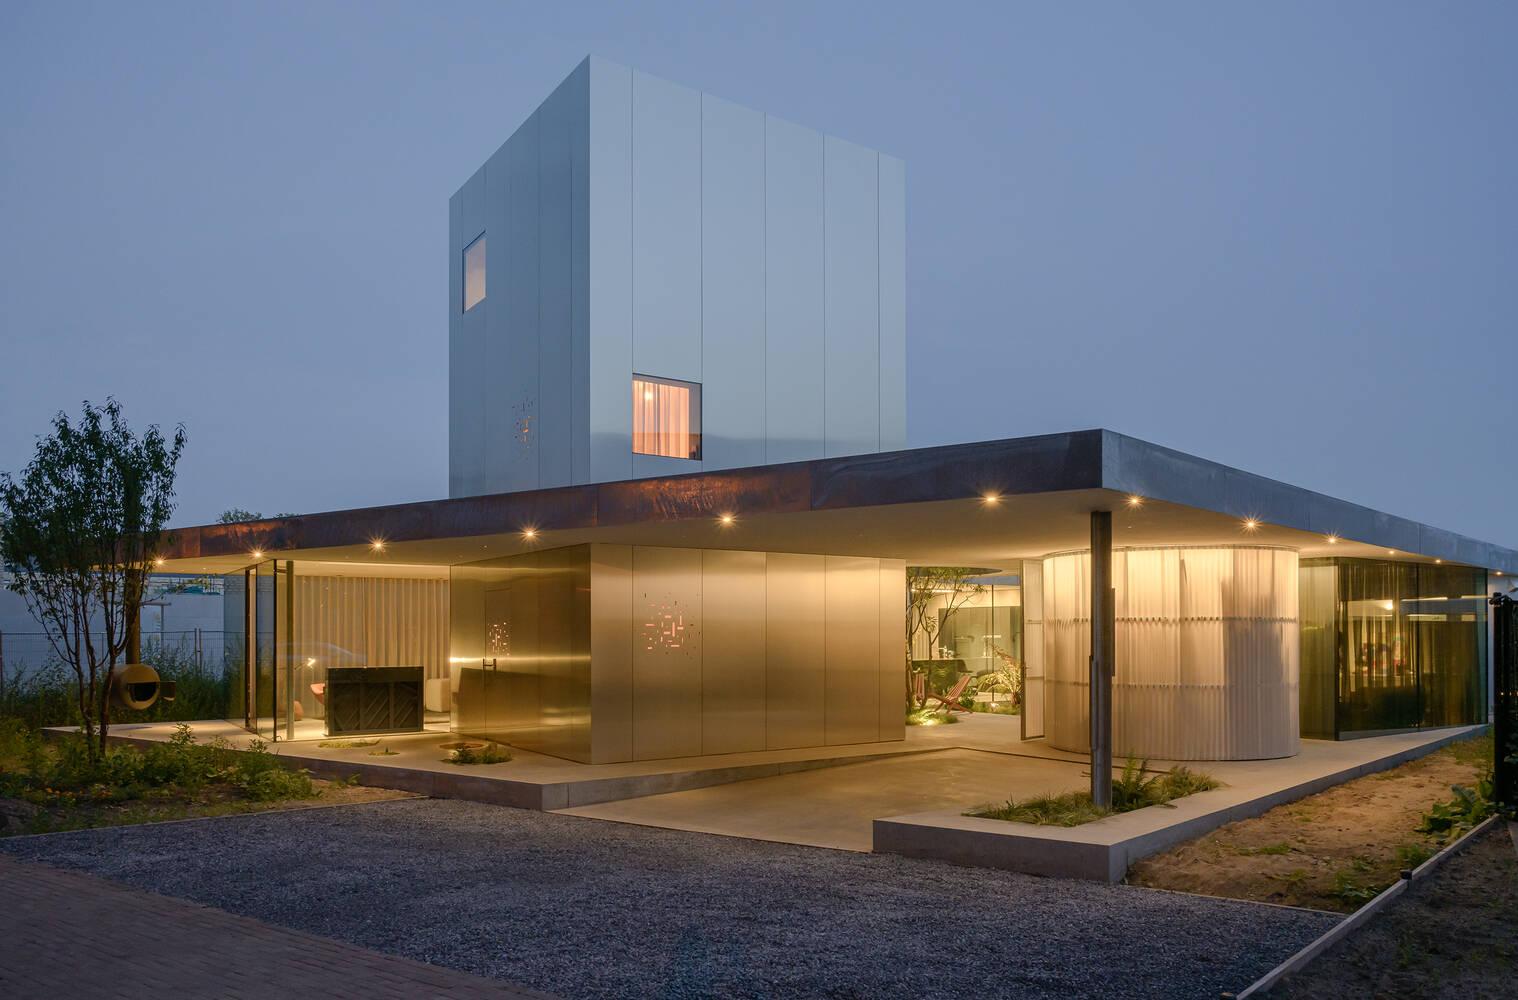 Chất liệu và kiến trúc làm nên diện mạo đẹp ấn tượng của công trình